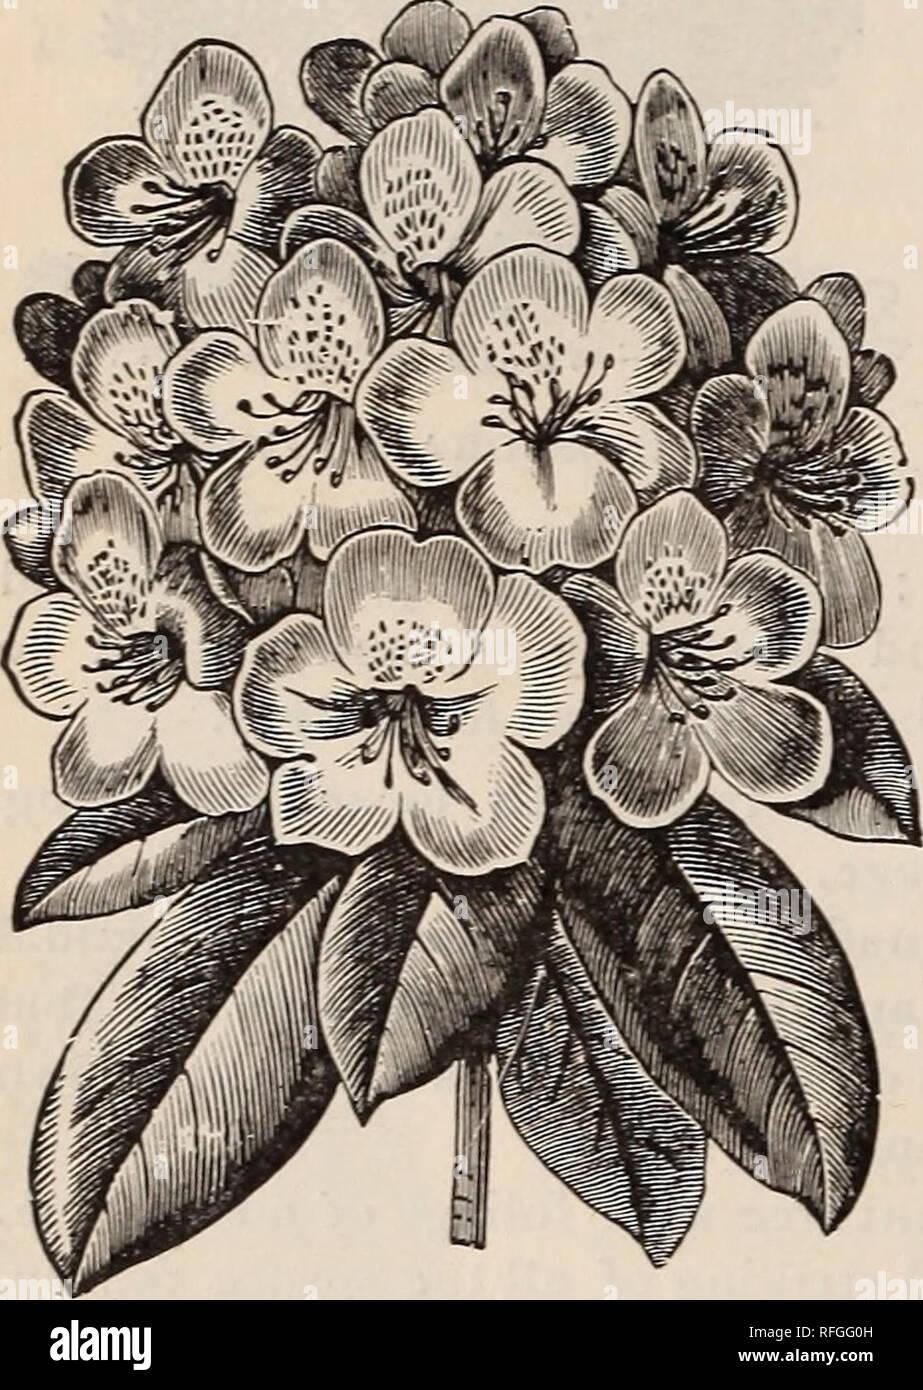 Piante Da Giardino Ombroso catalogo descrittivo : frutta e alberi ornamentali, arbusti